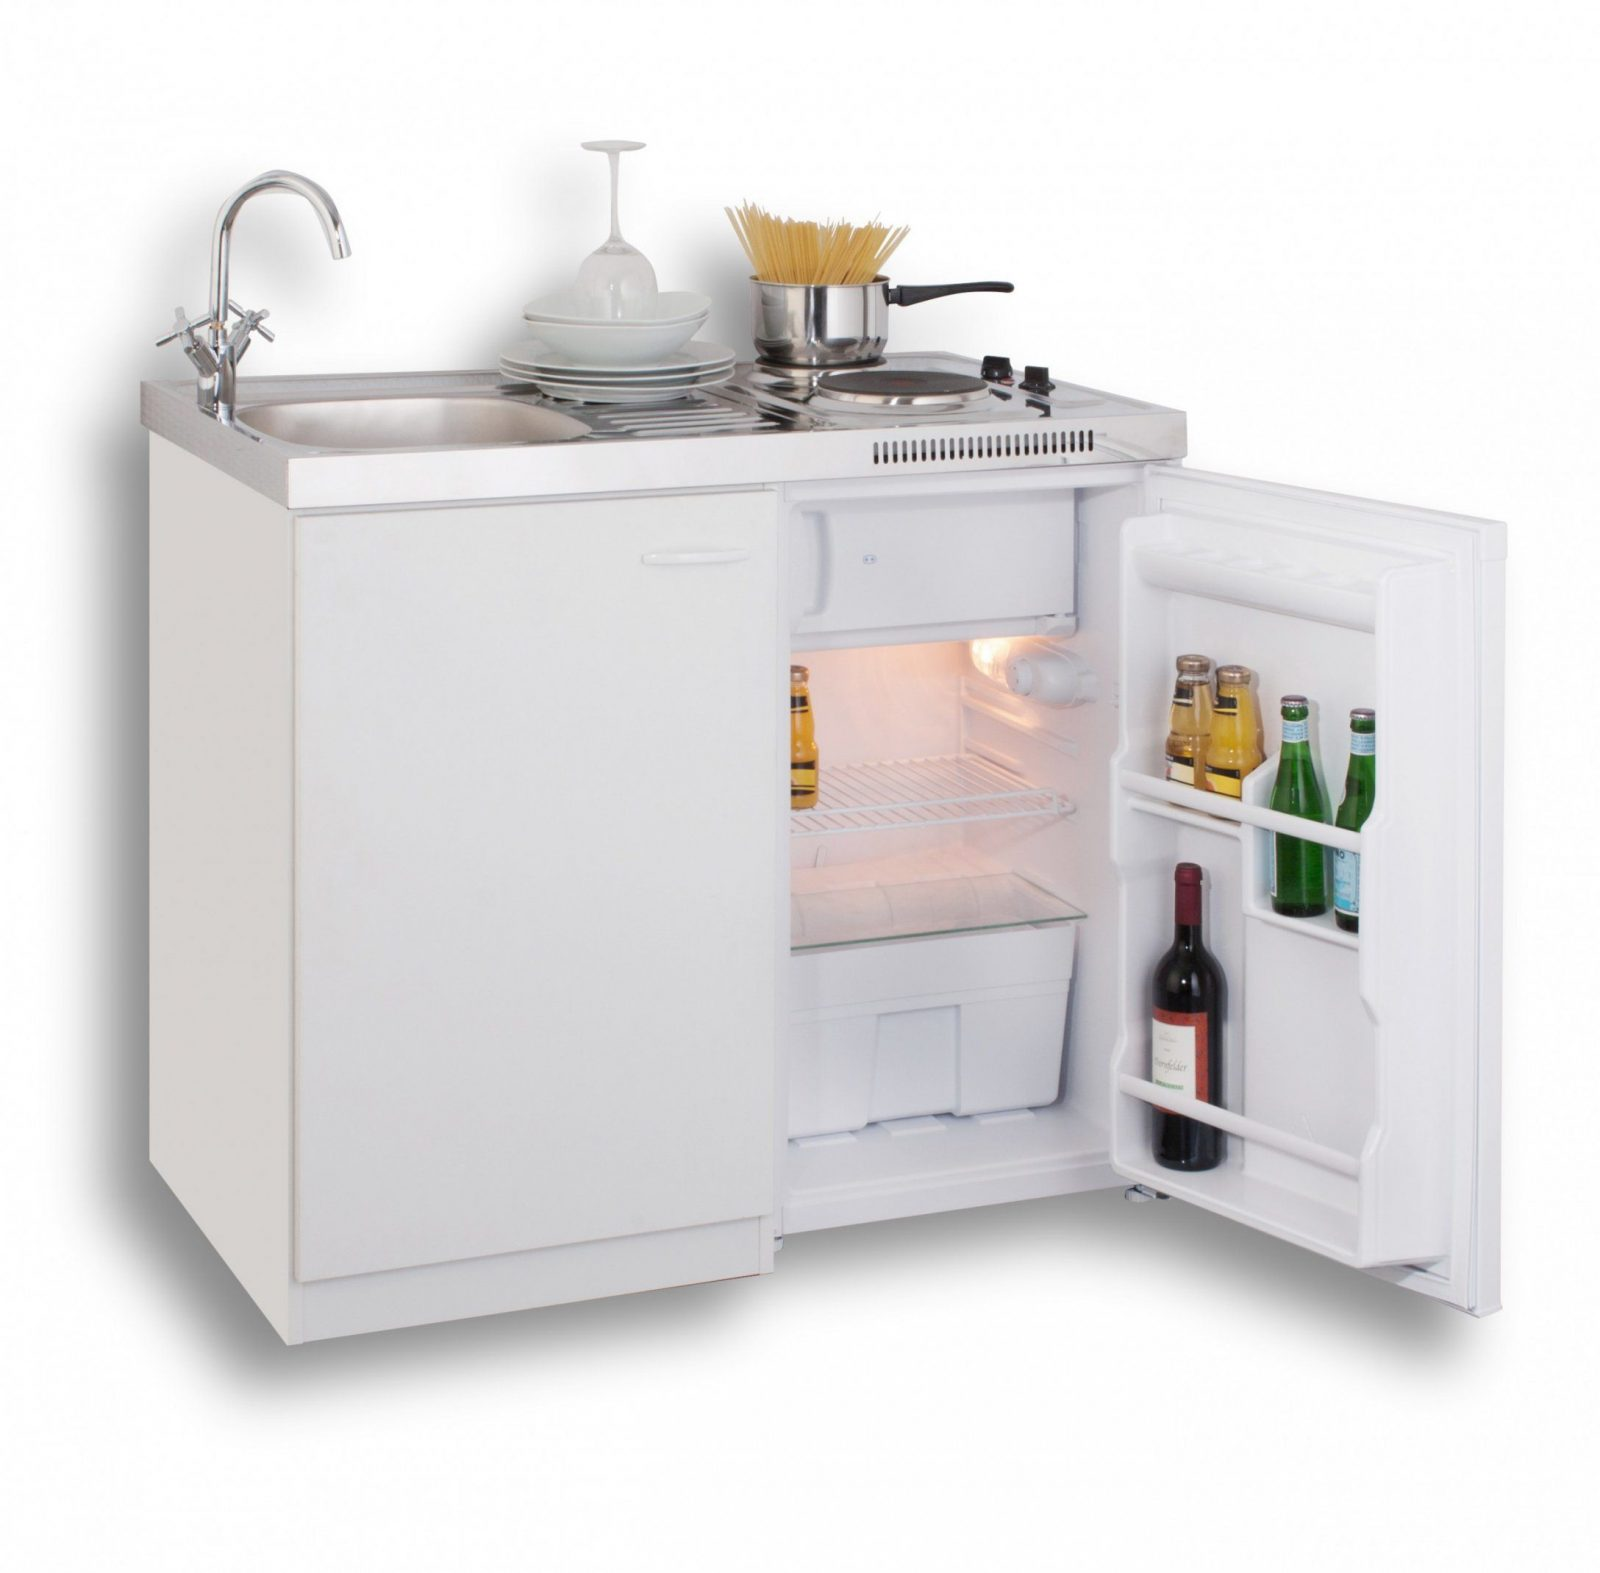 Mebasa Mk0001 Pantryküche Miniküche 100 Cm Weiß Mit Duokochfeld Und von Pantryküche 100 Cm Mit Kühlschrank Photo